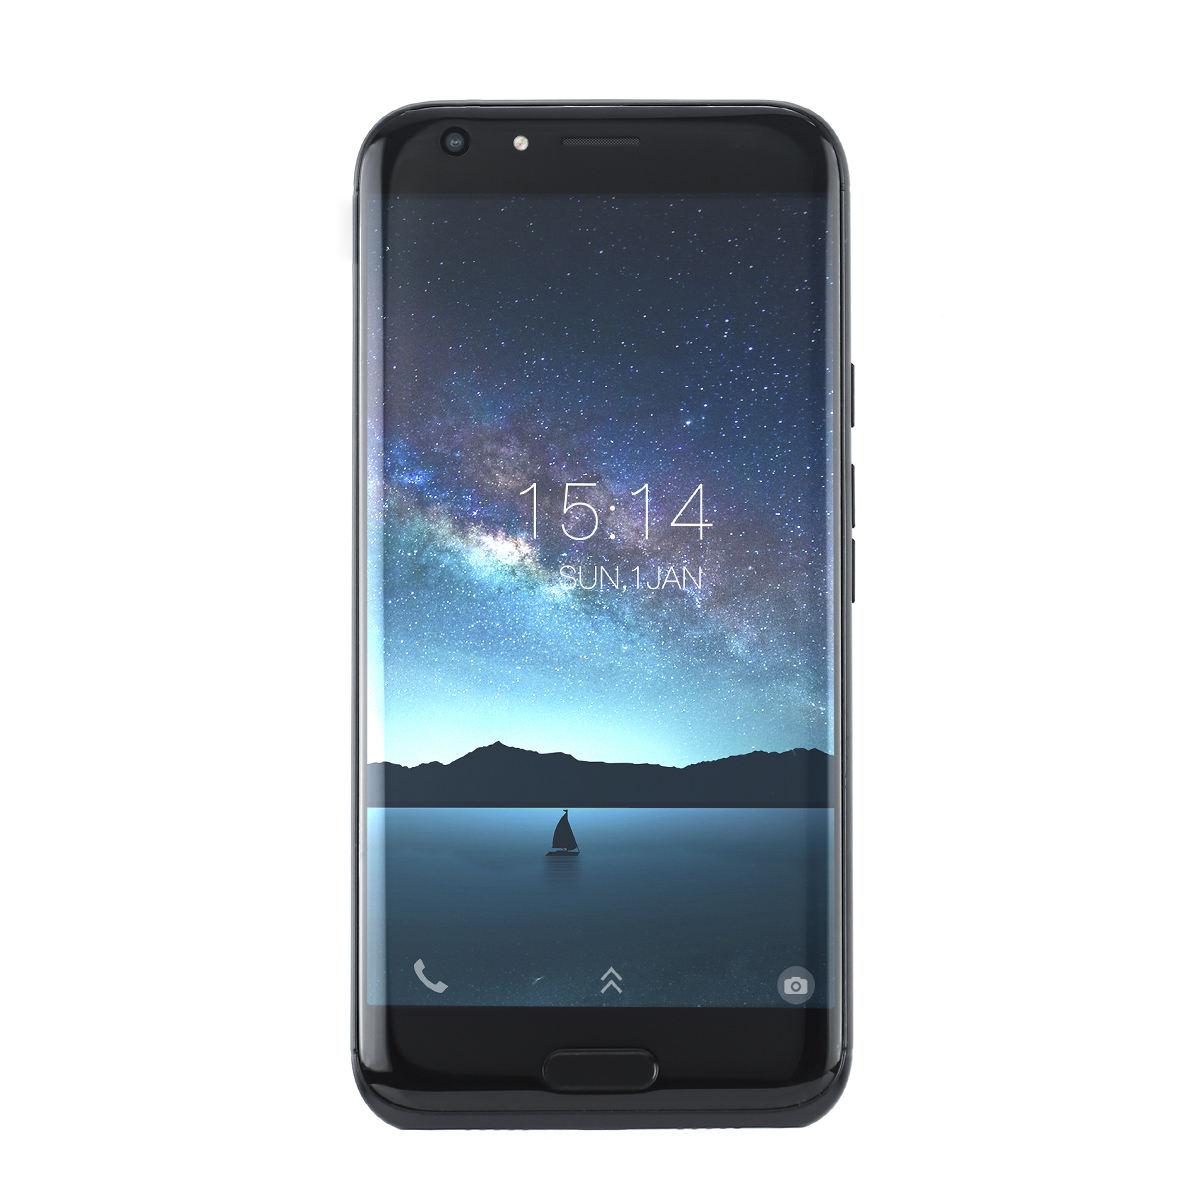 DOOGEE estoque mesmo dia do transporte gratuito HK BL5000, 4 GB + 64 GB telefone móvel celular smartphone celular